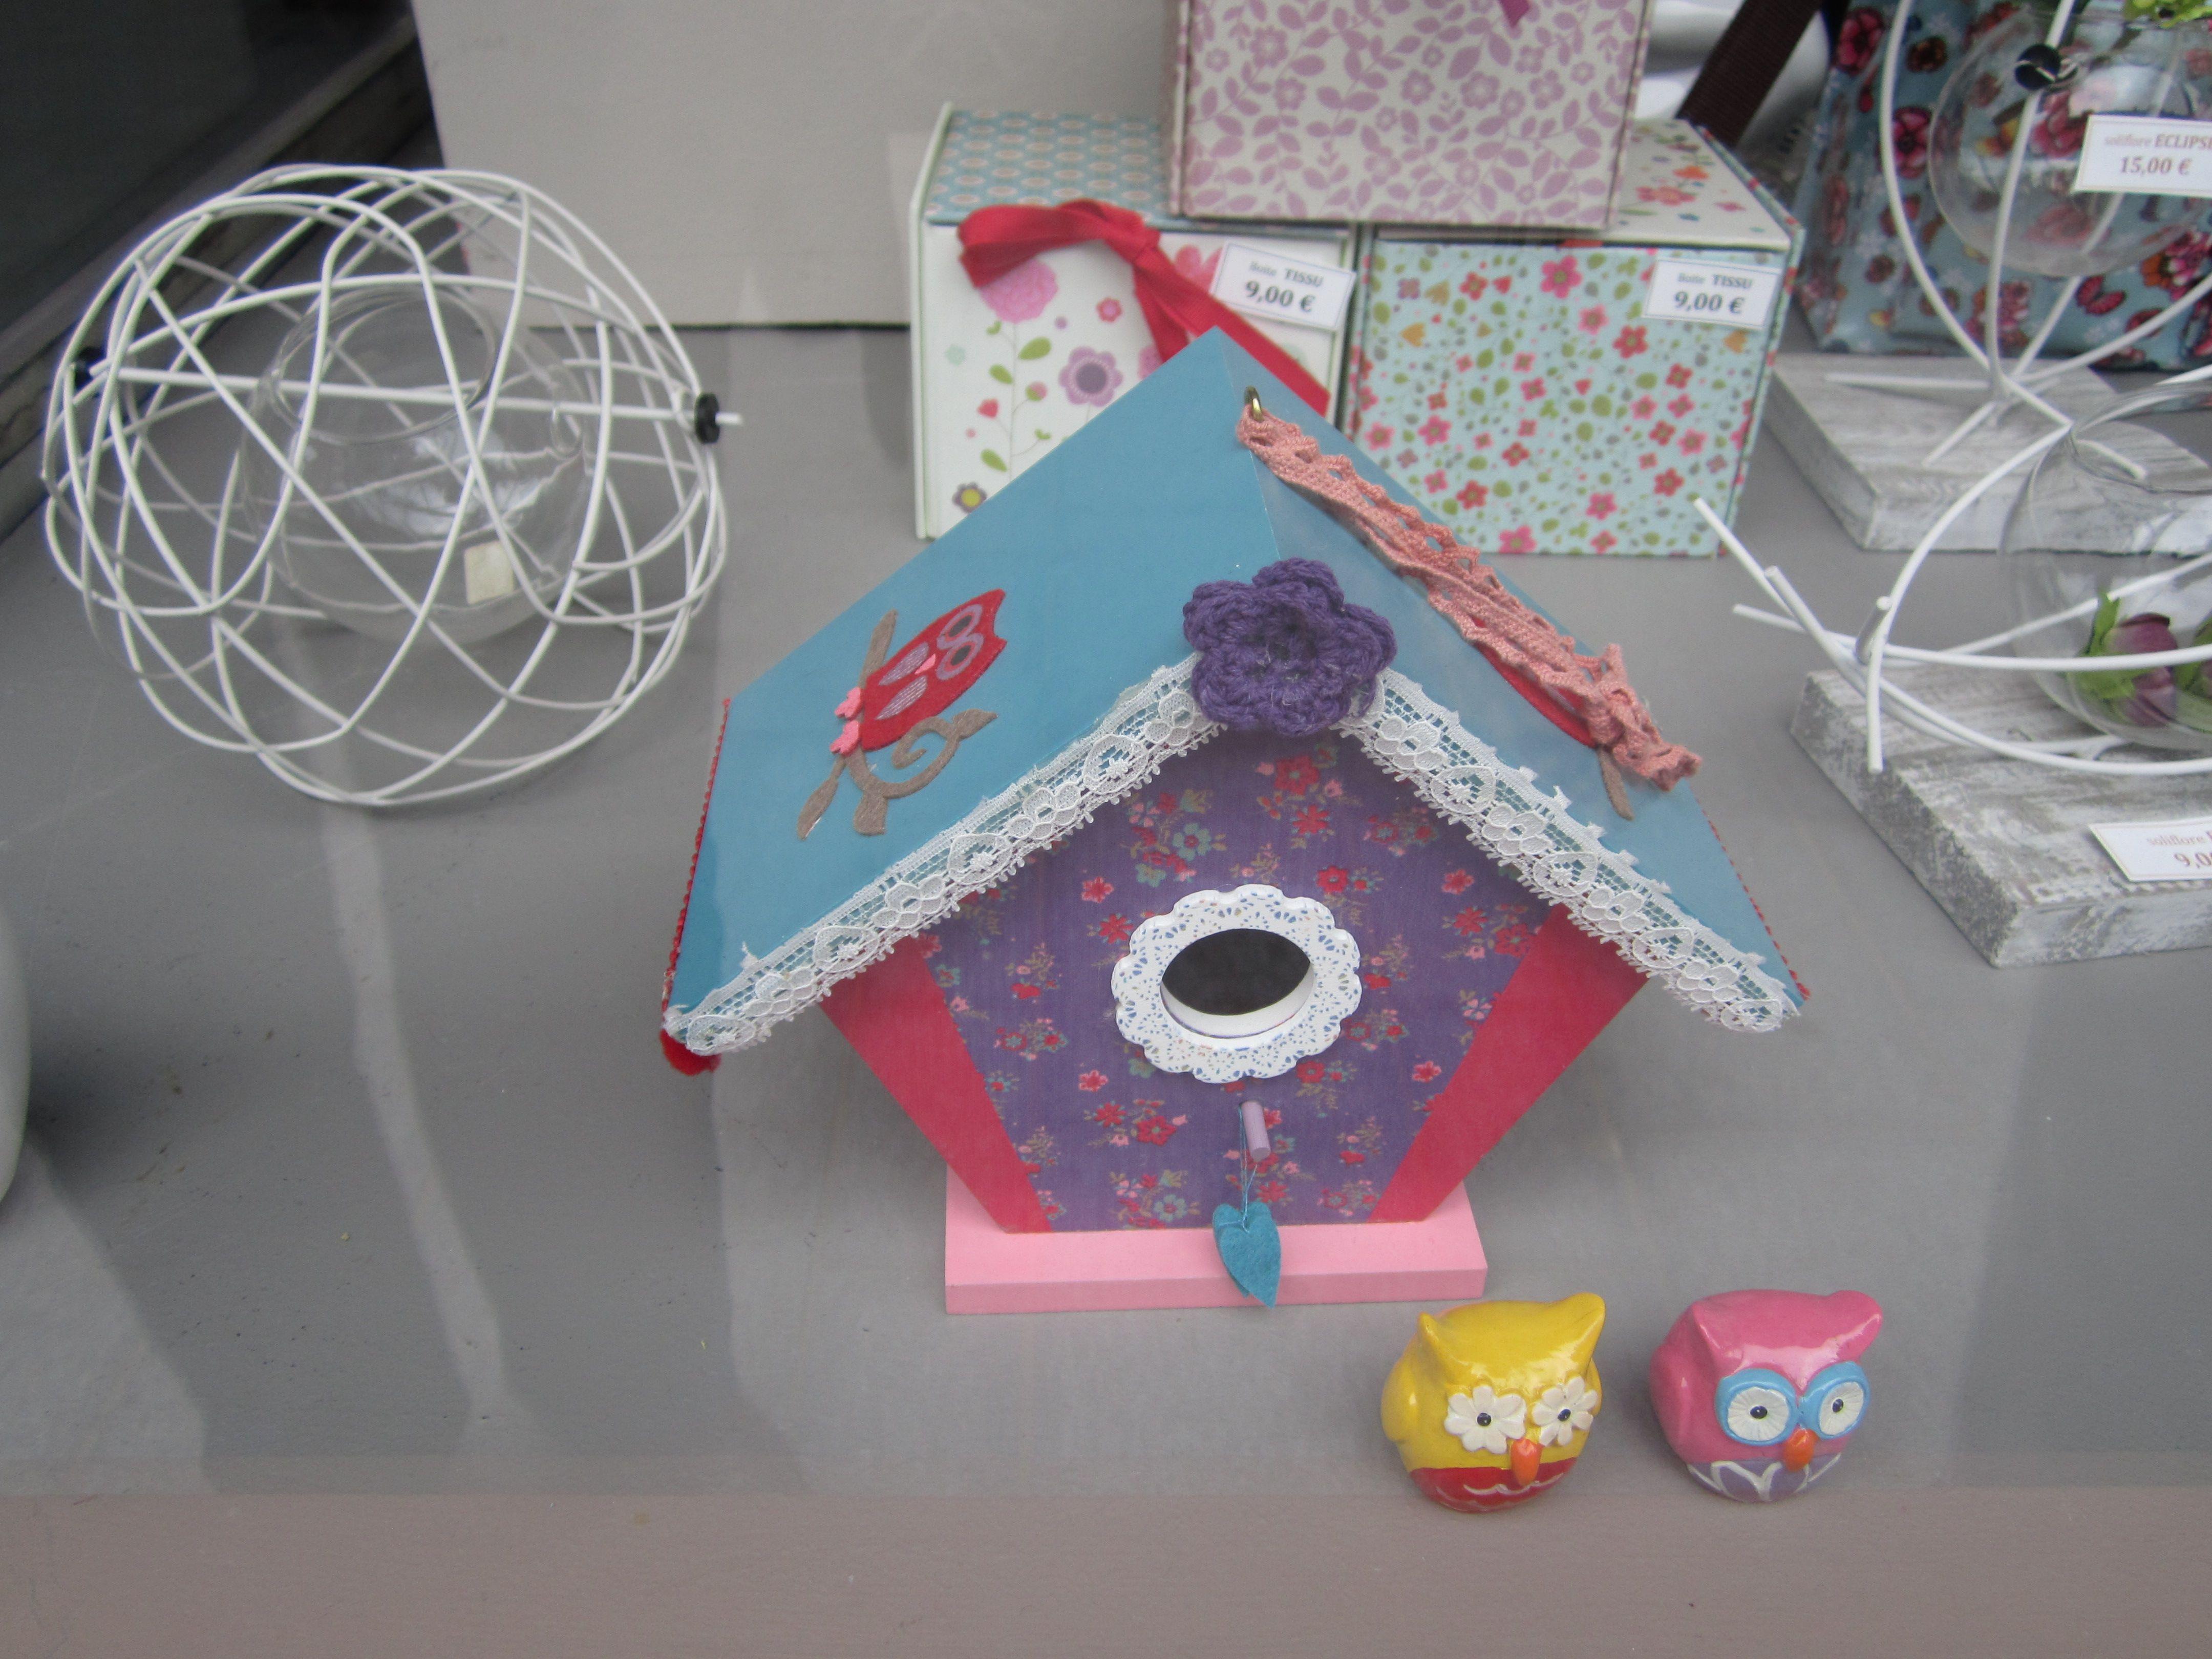 maison d'oiseau bien coloré